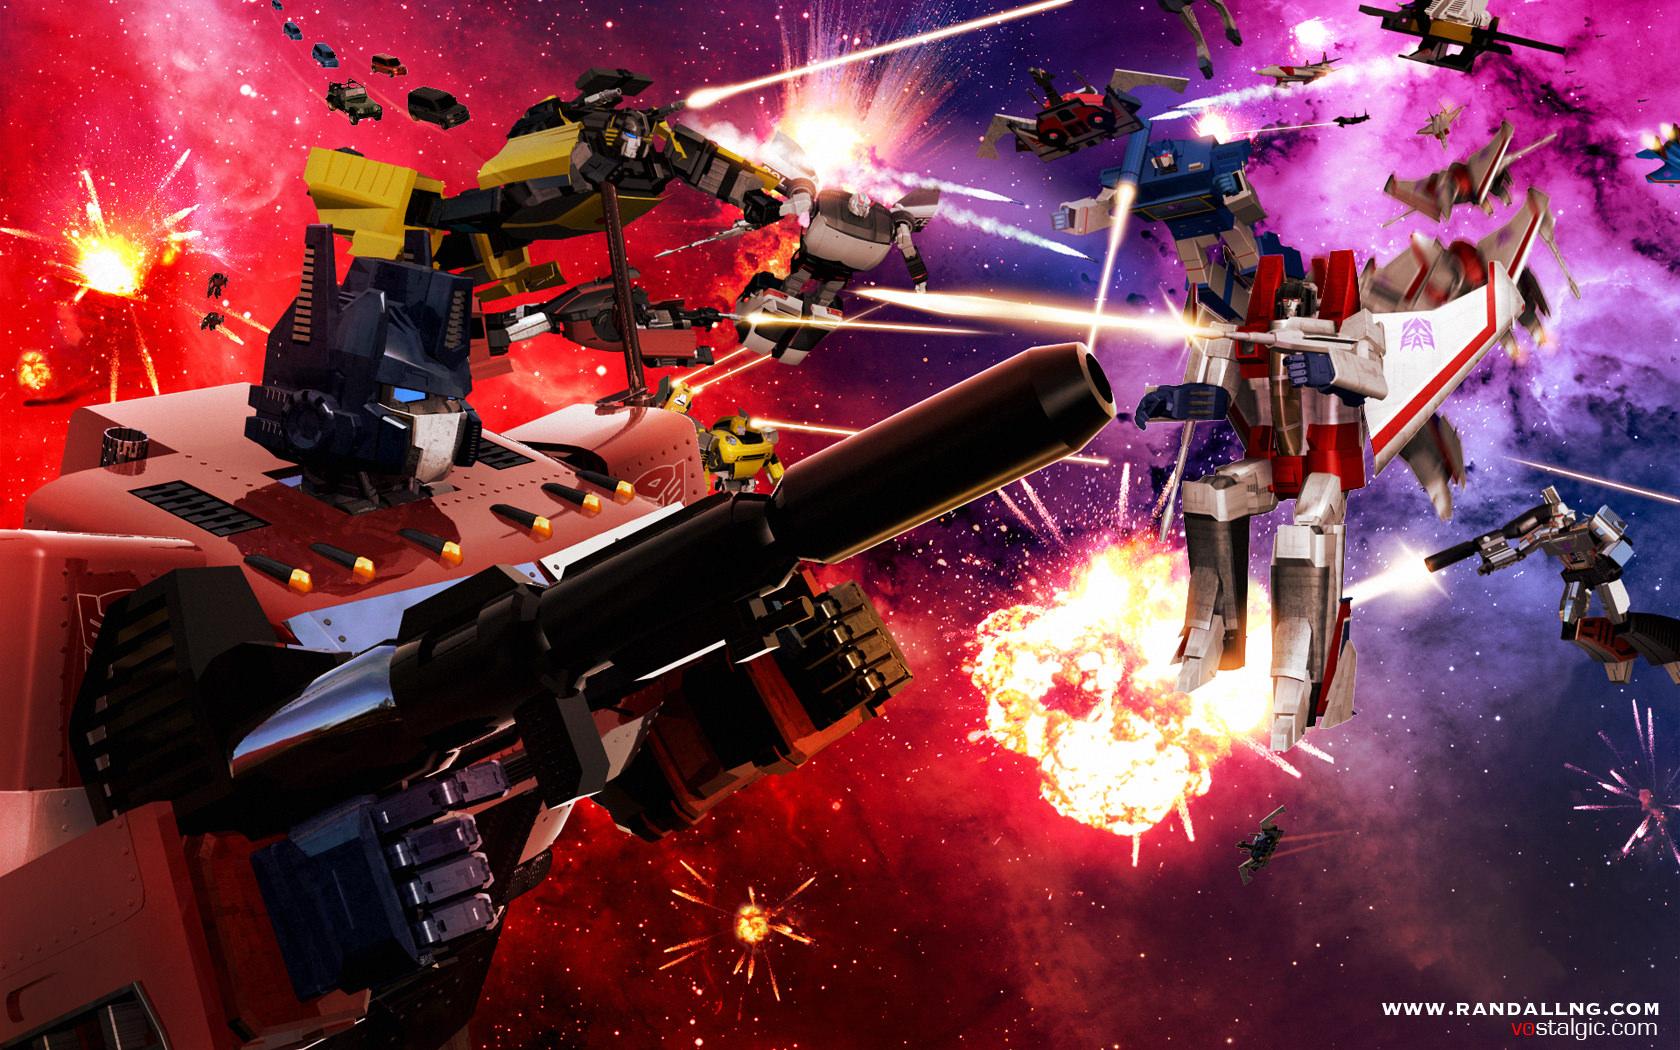 Sci Fi Movie Wallpaper